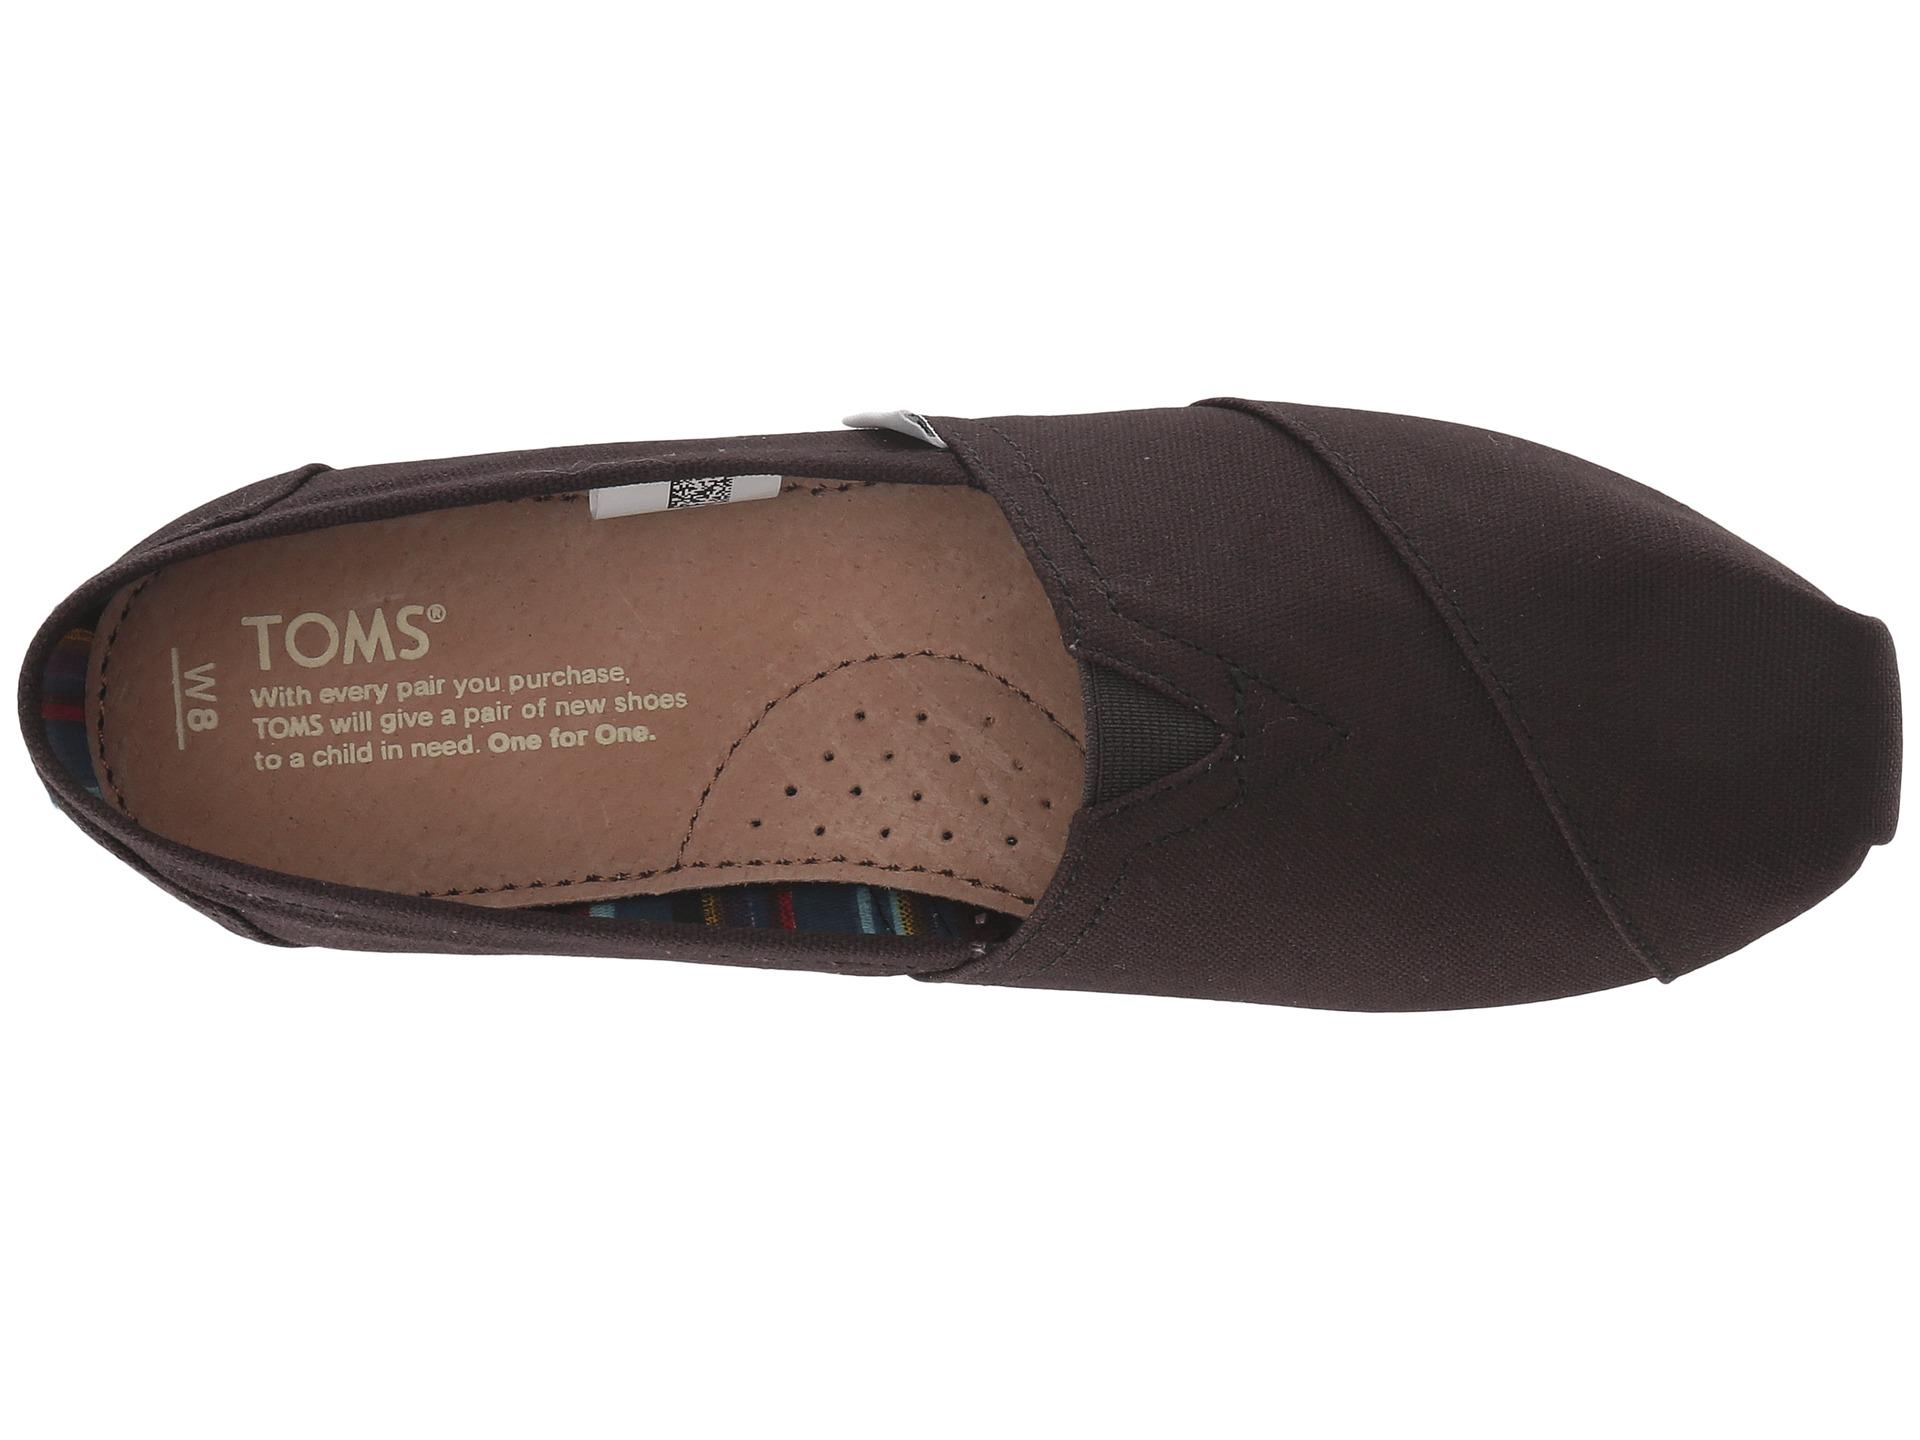 TOMS Classics at Zappos.com